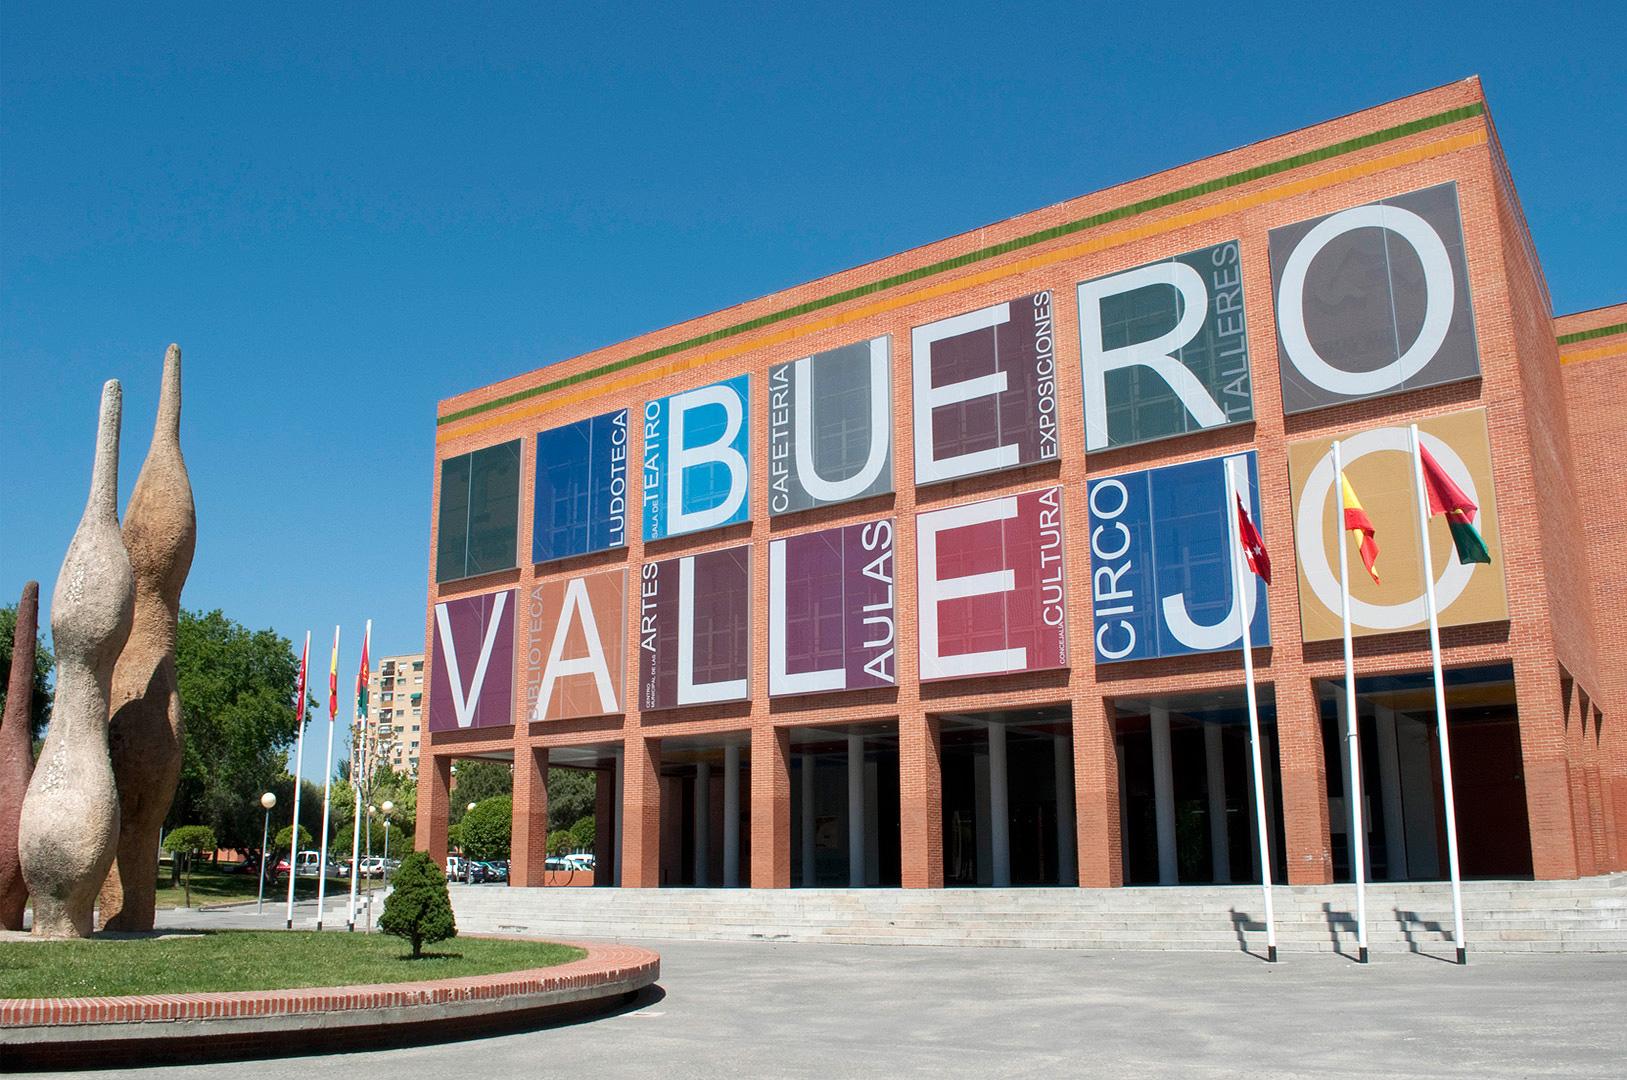 Reforma del teatro buero vallejo alcorc n madrid - Teatro buero vallejo alcorcon ...